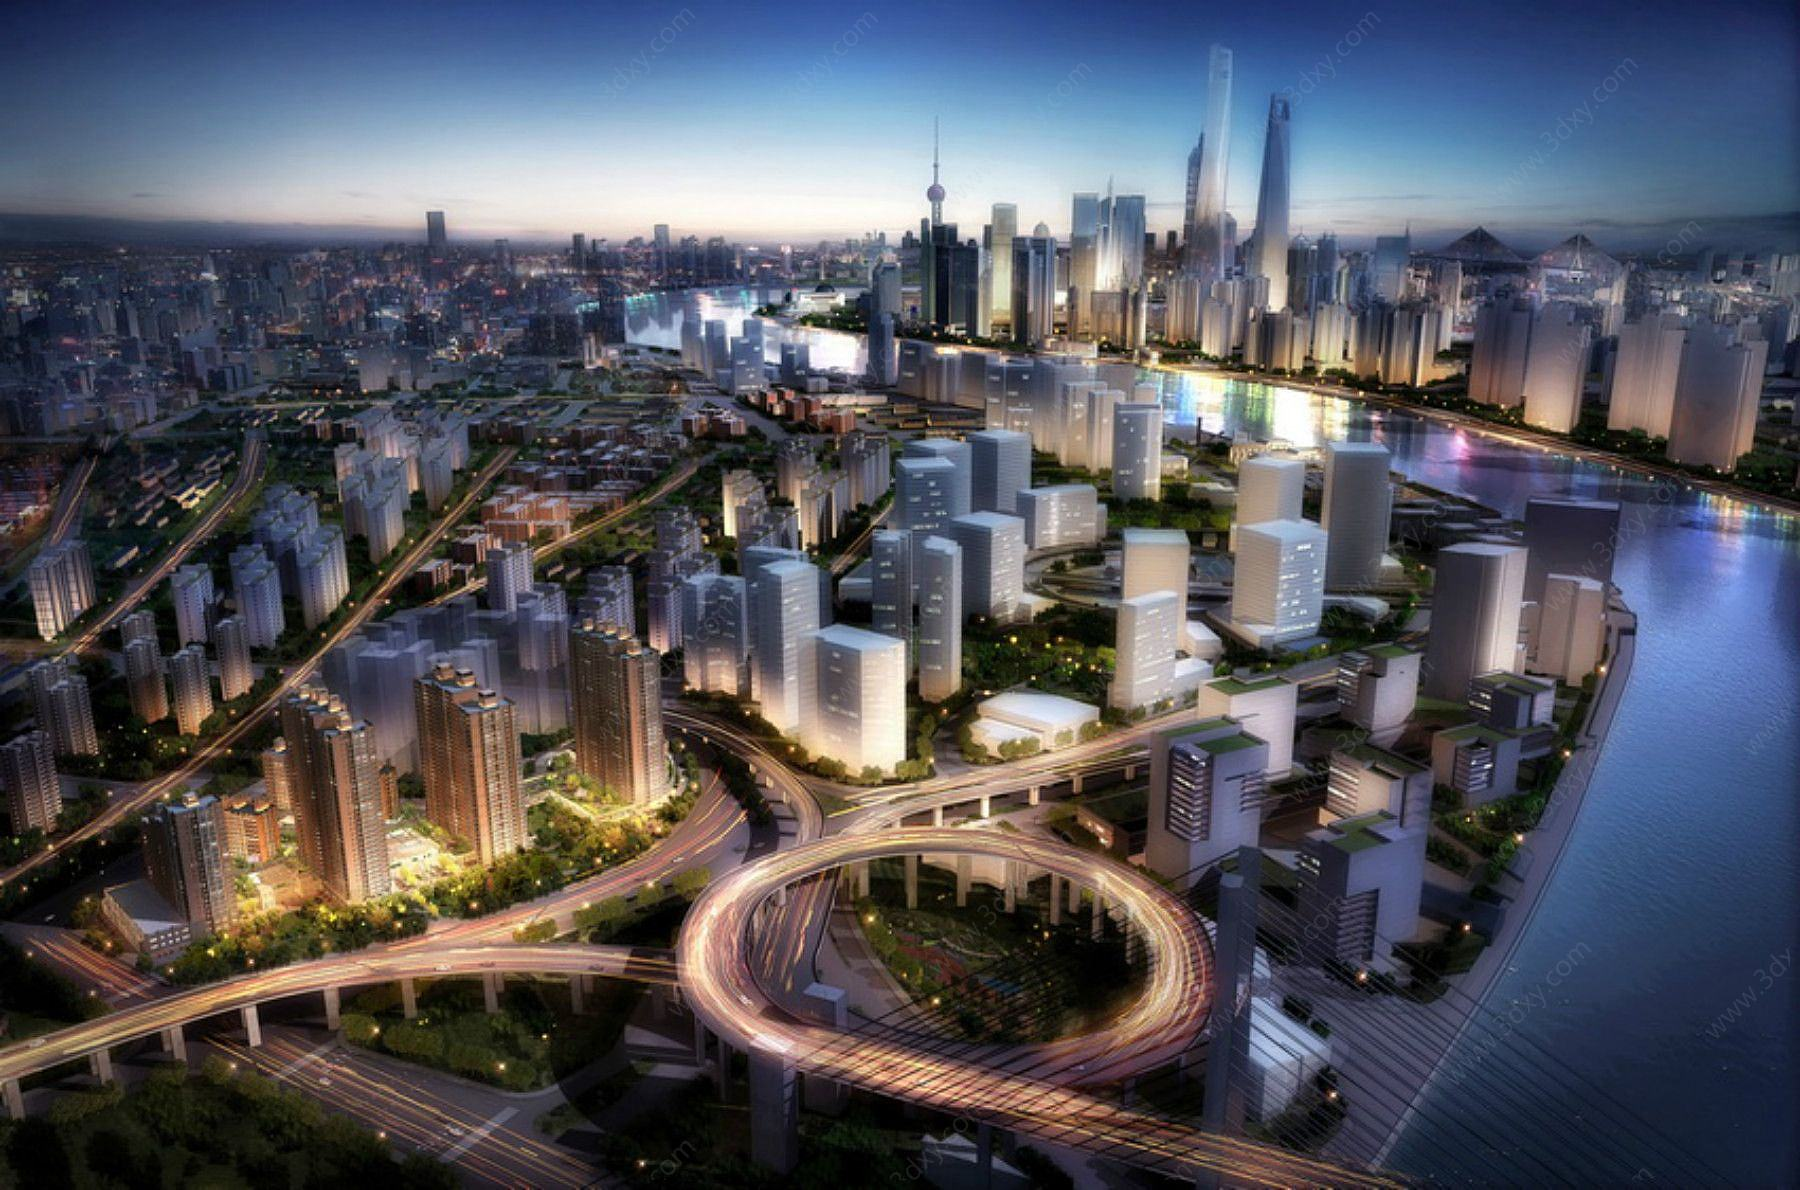 上海規劃鳥瞰模型